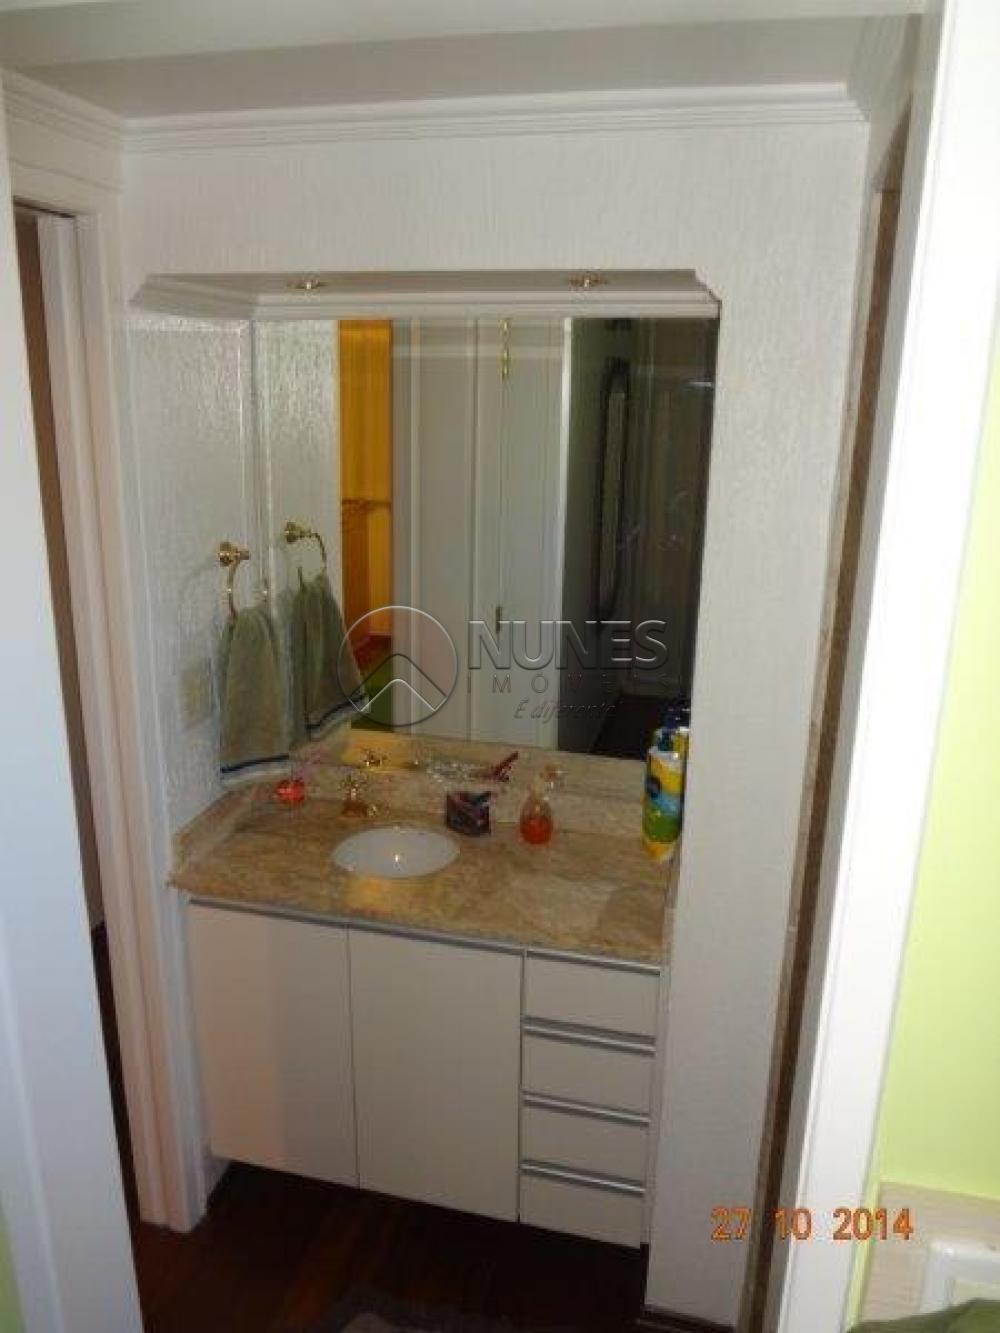 Comprar Apartamento / Padrão em Osasco apenas R$ 395.000,00 - Foto 14